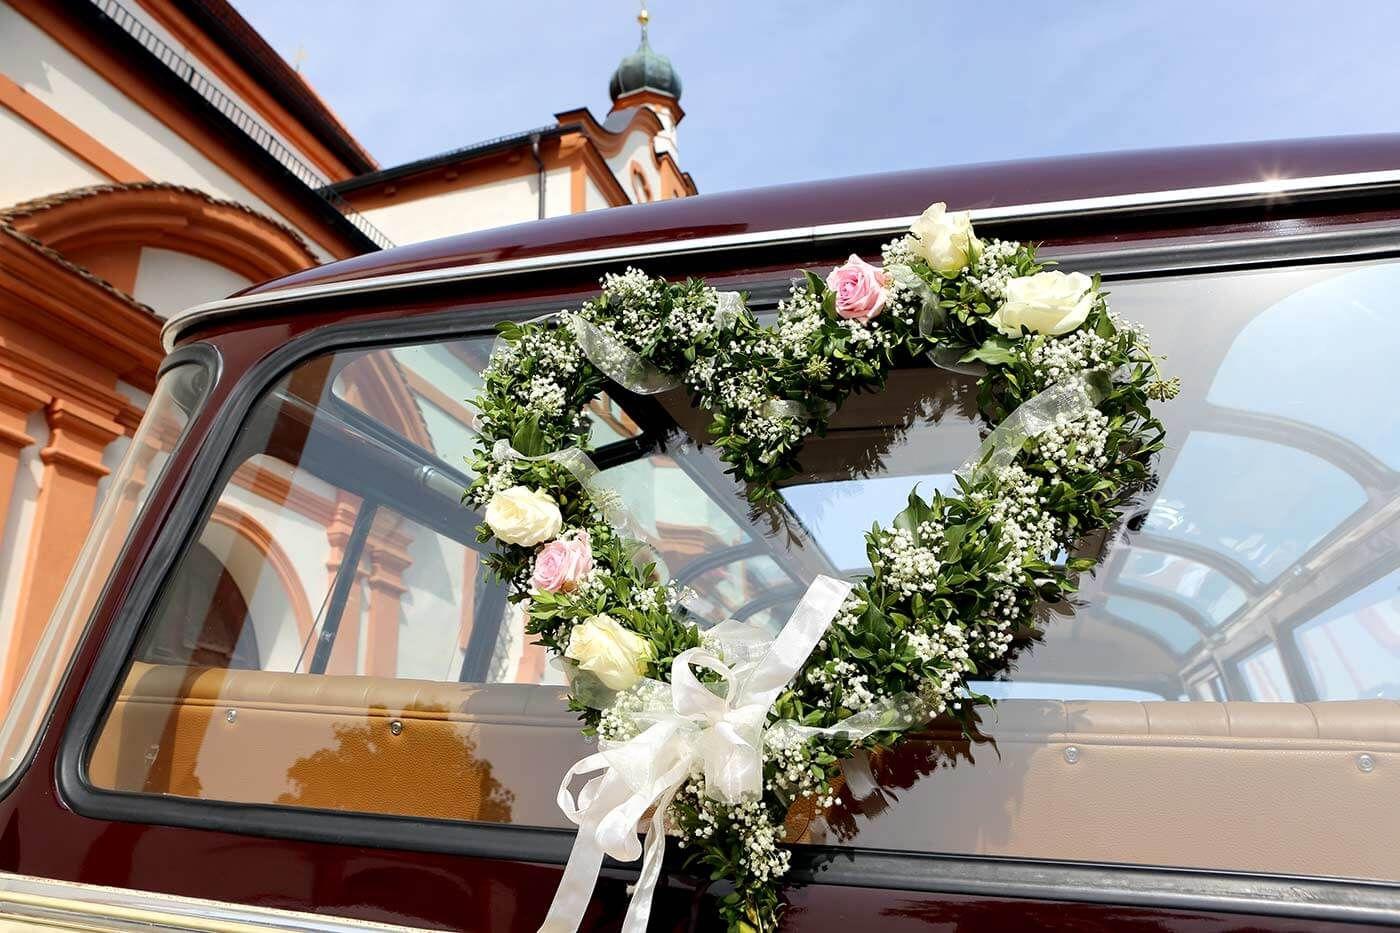 Wow Oh Ah Diese Begeisterten Laute Werdet Ihr Garantiert Horen Wenn Ihr Unsere Tipps Zum Autoschmuck Berucksichtigt Autoschmuck Hochzeit Autodeko Hochzeit Blumenschmuck Hochzeit